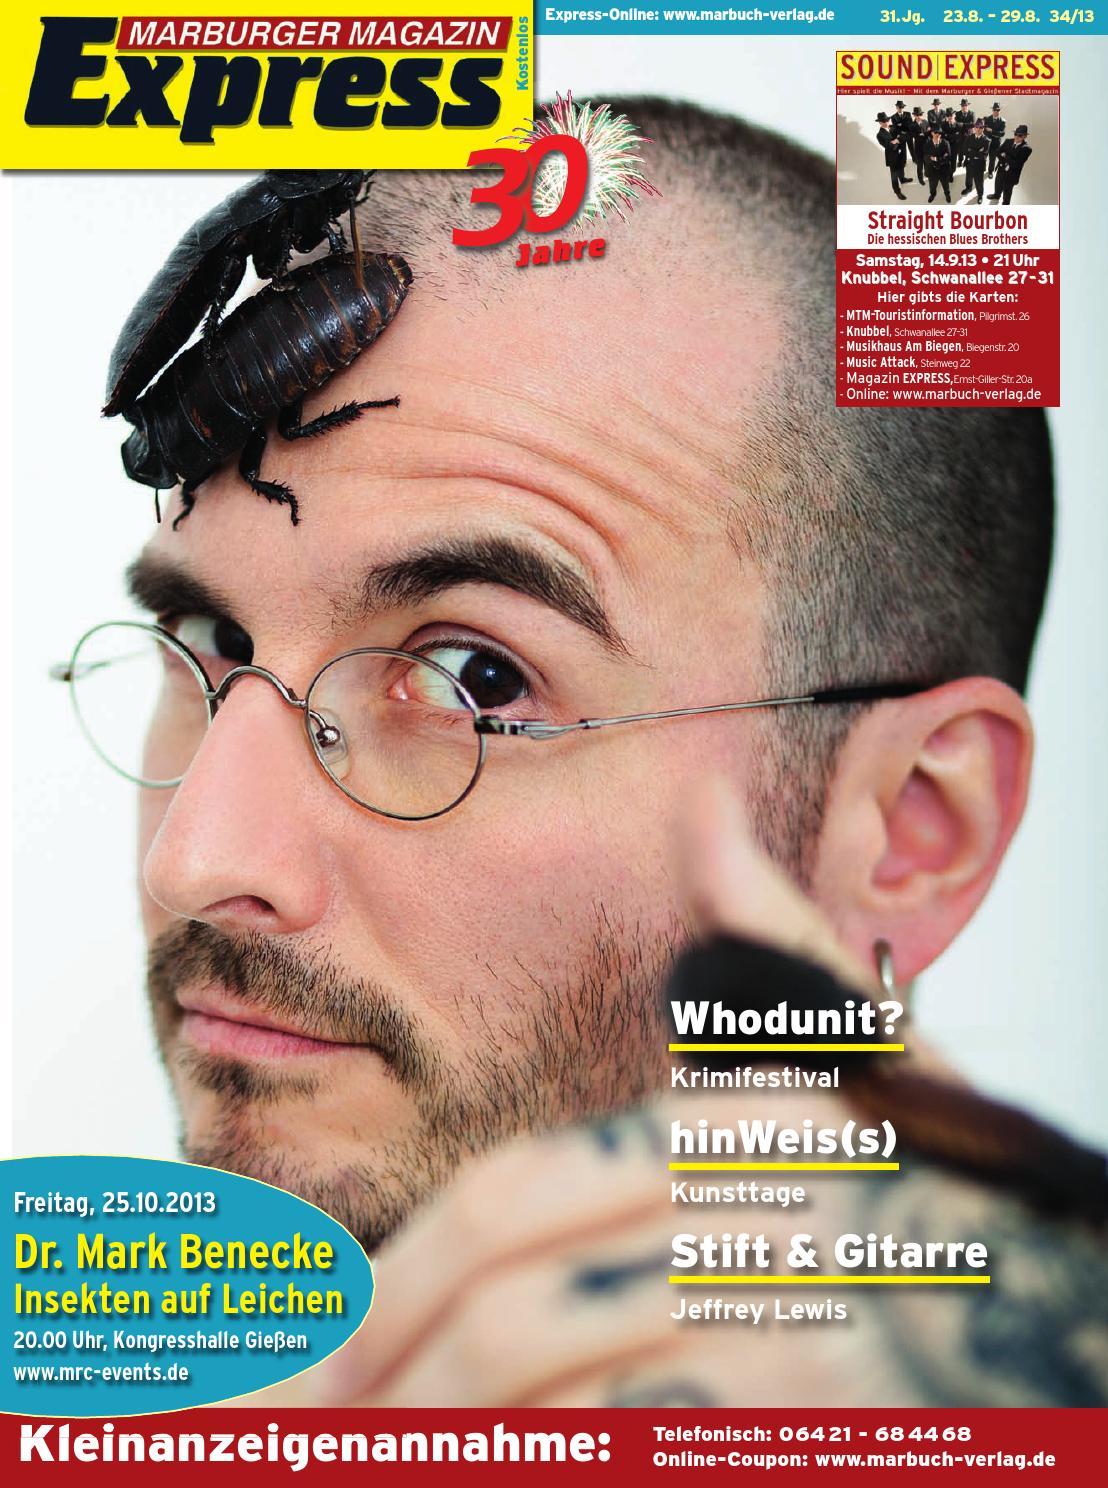 Marburger Magazin Express 34 2013 By Ulrich Butterweck Issuu